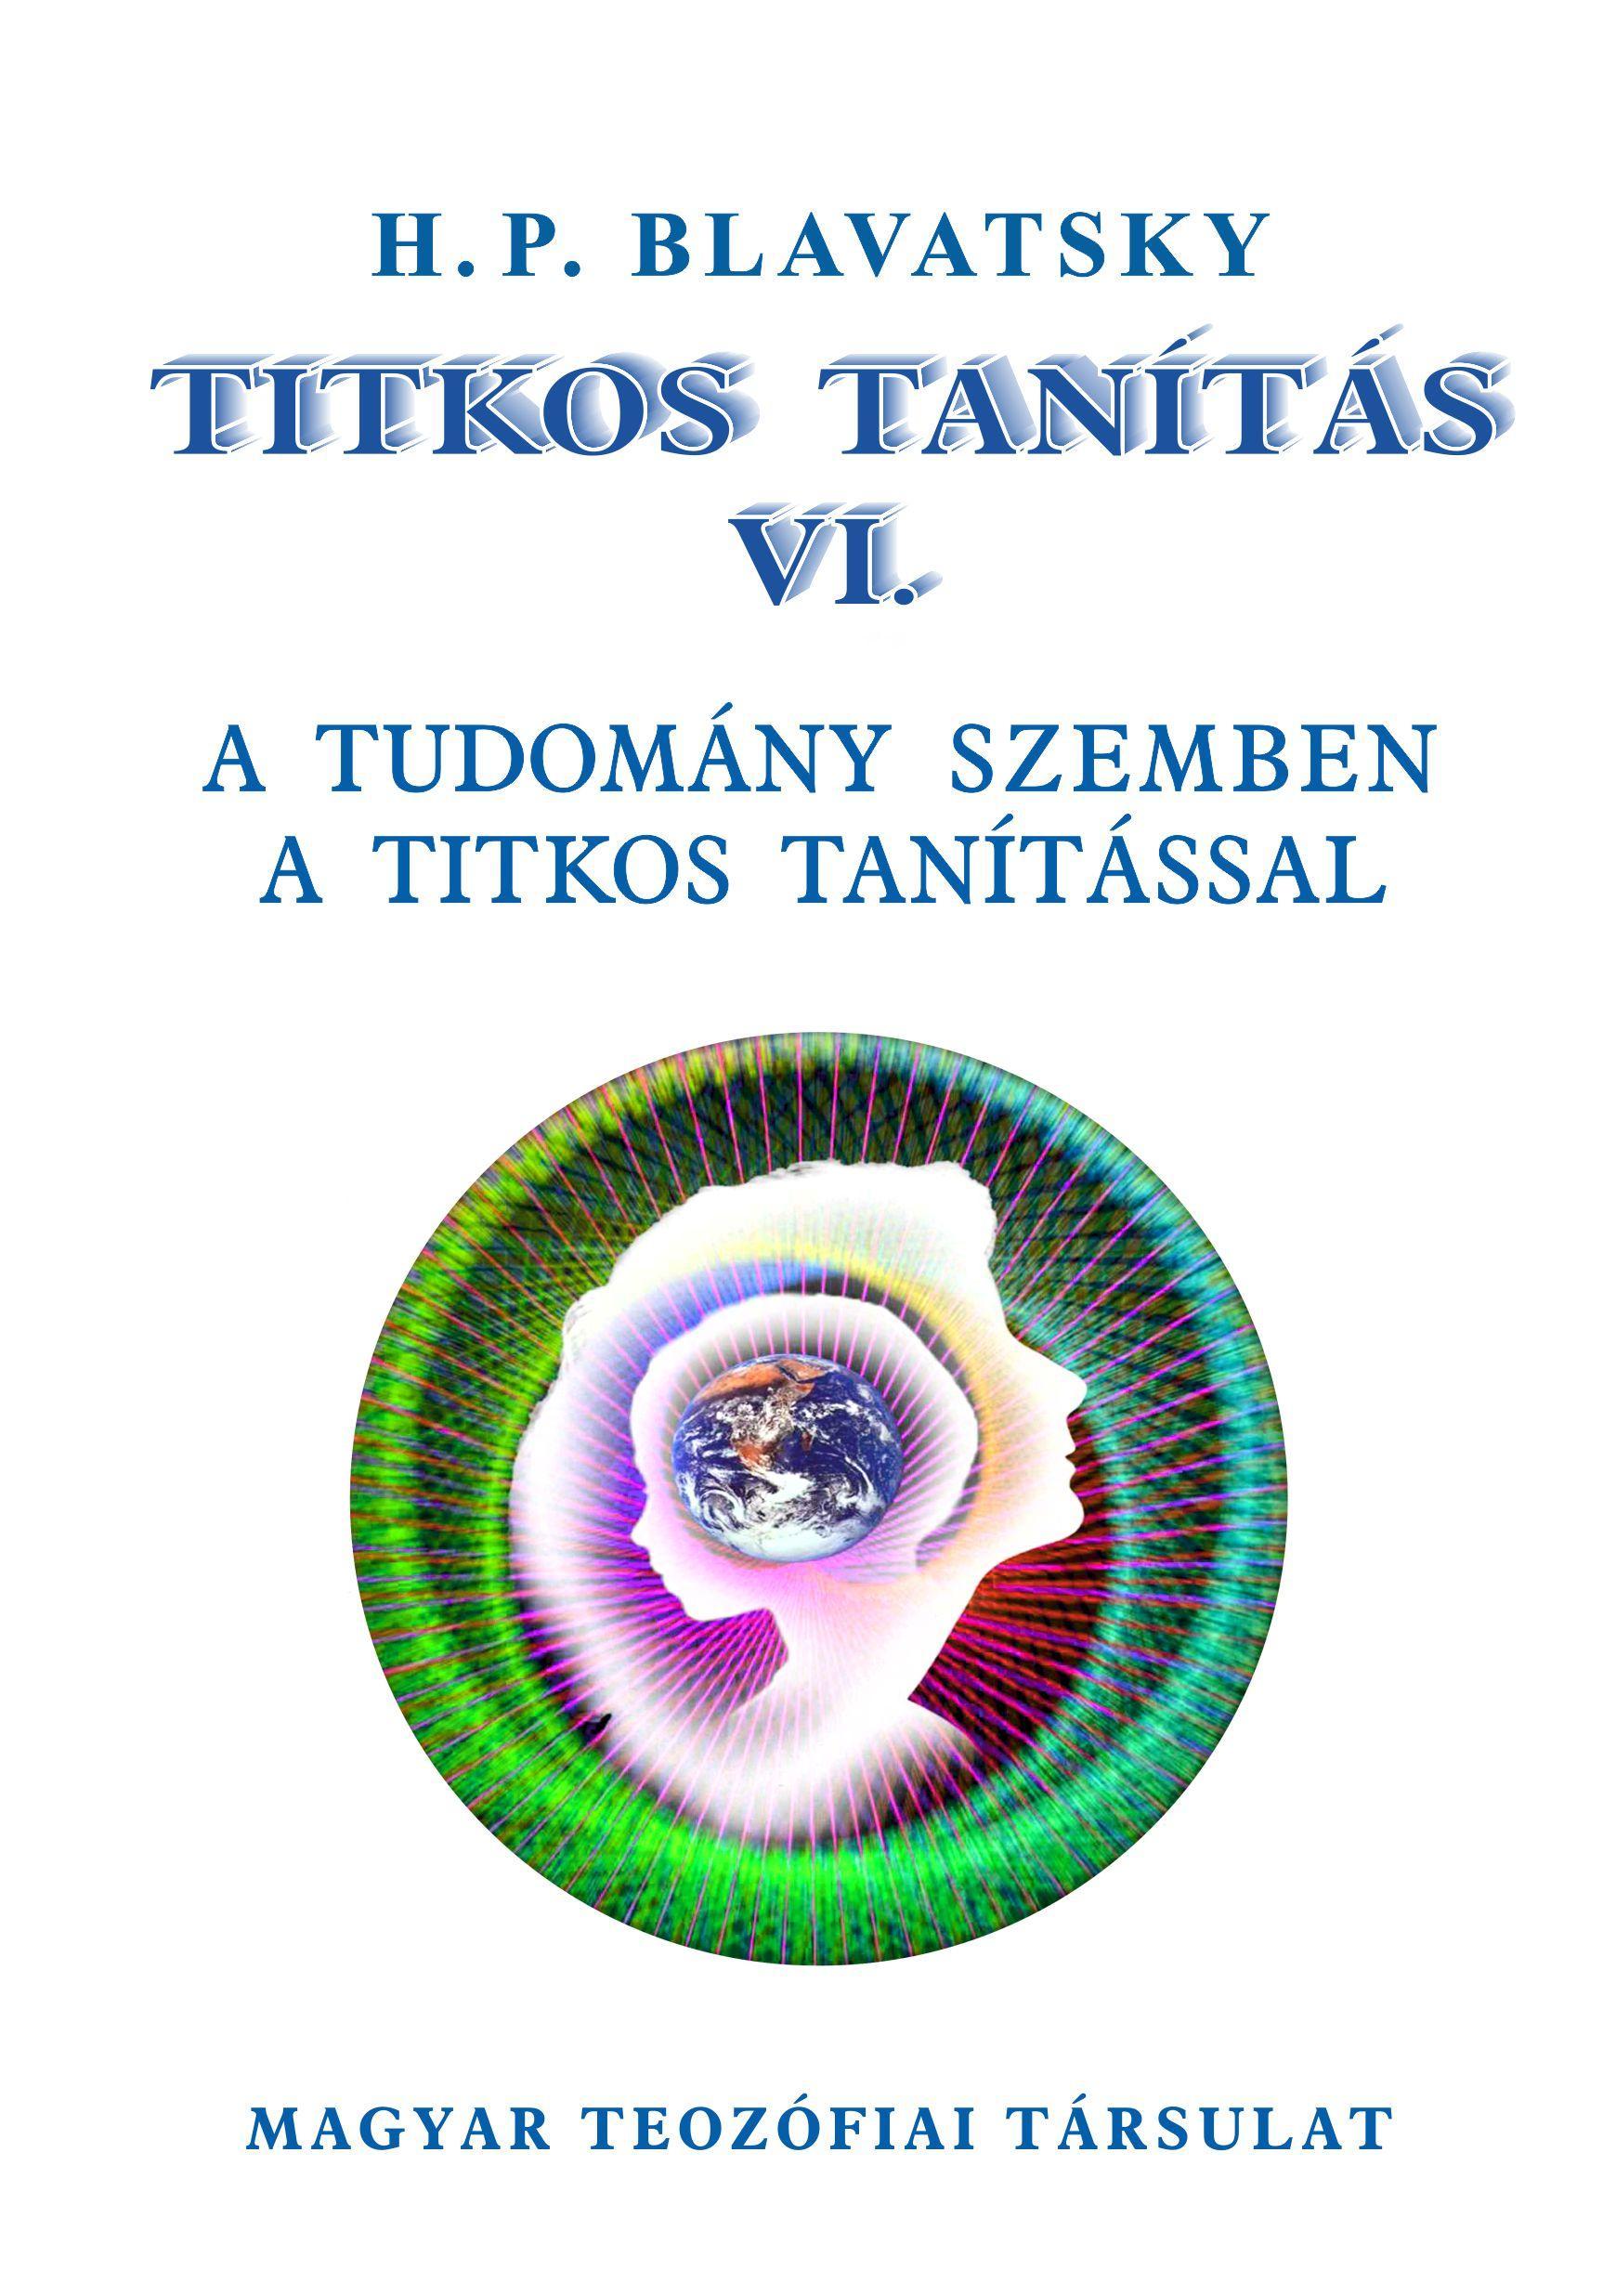 TITKOS TANÍTÁS VI. - A TUDOMÁNY SZEMBEN A TITKOS TANÍTÁSSAL